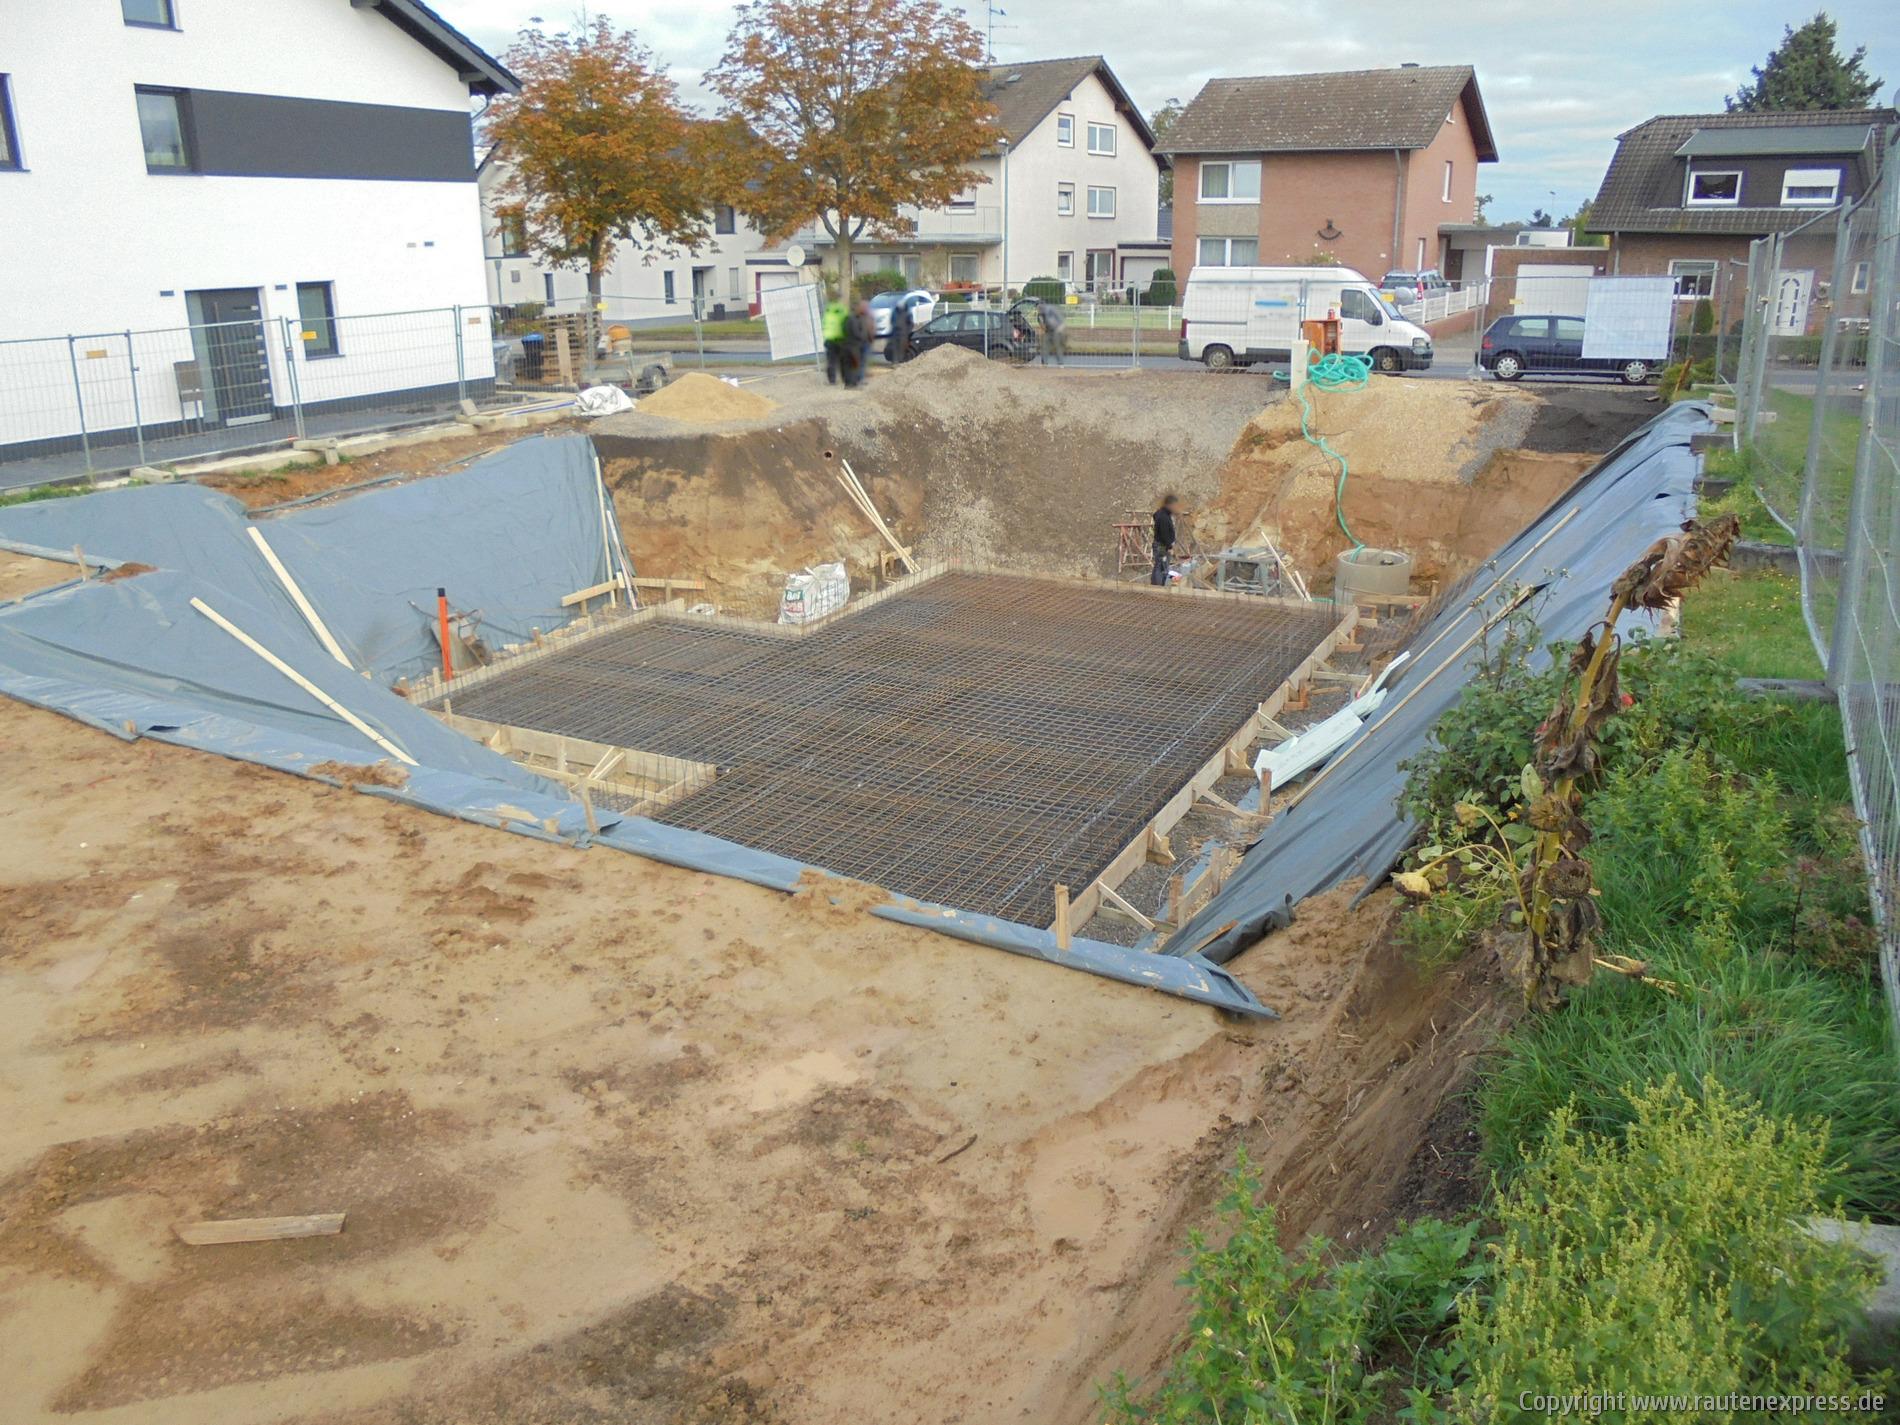 Vorbereitung für die Bodenplatte | www.artos-haus.de Bild 1